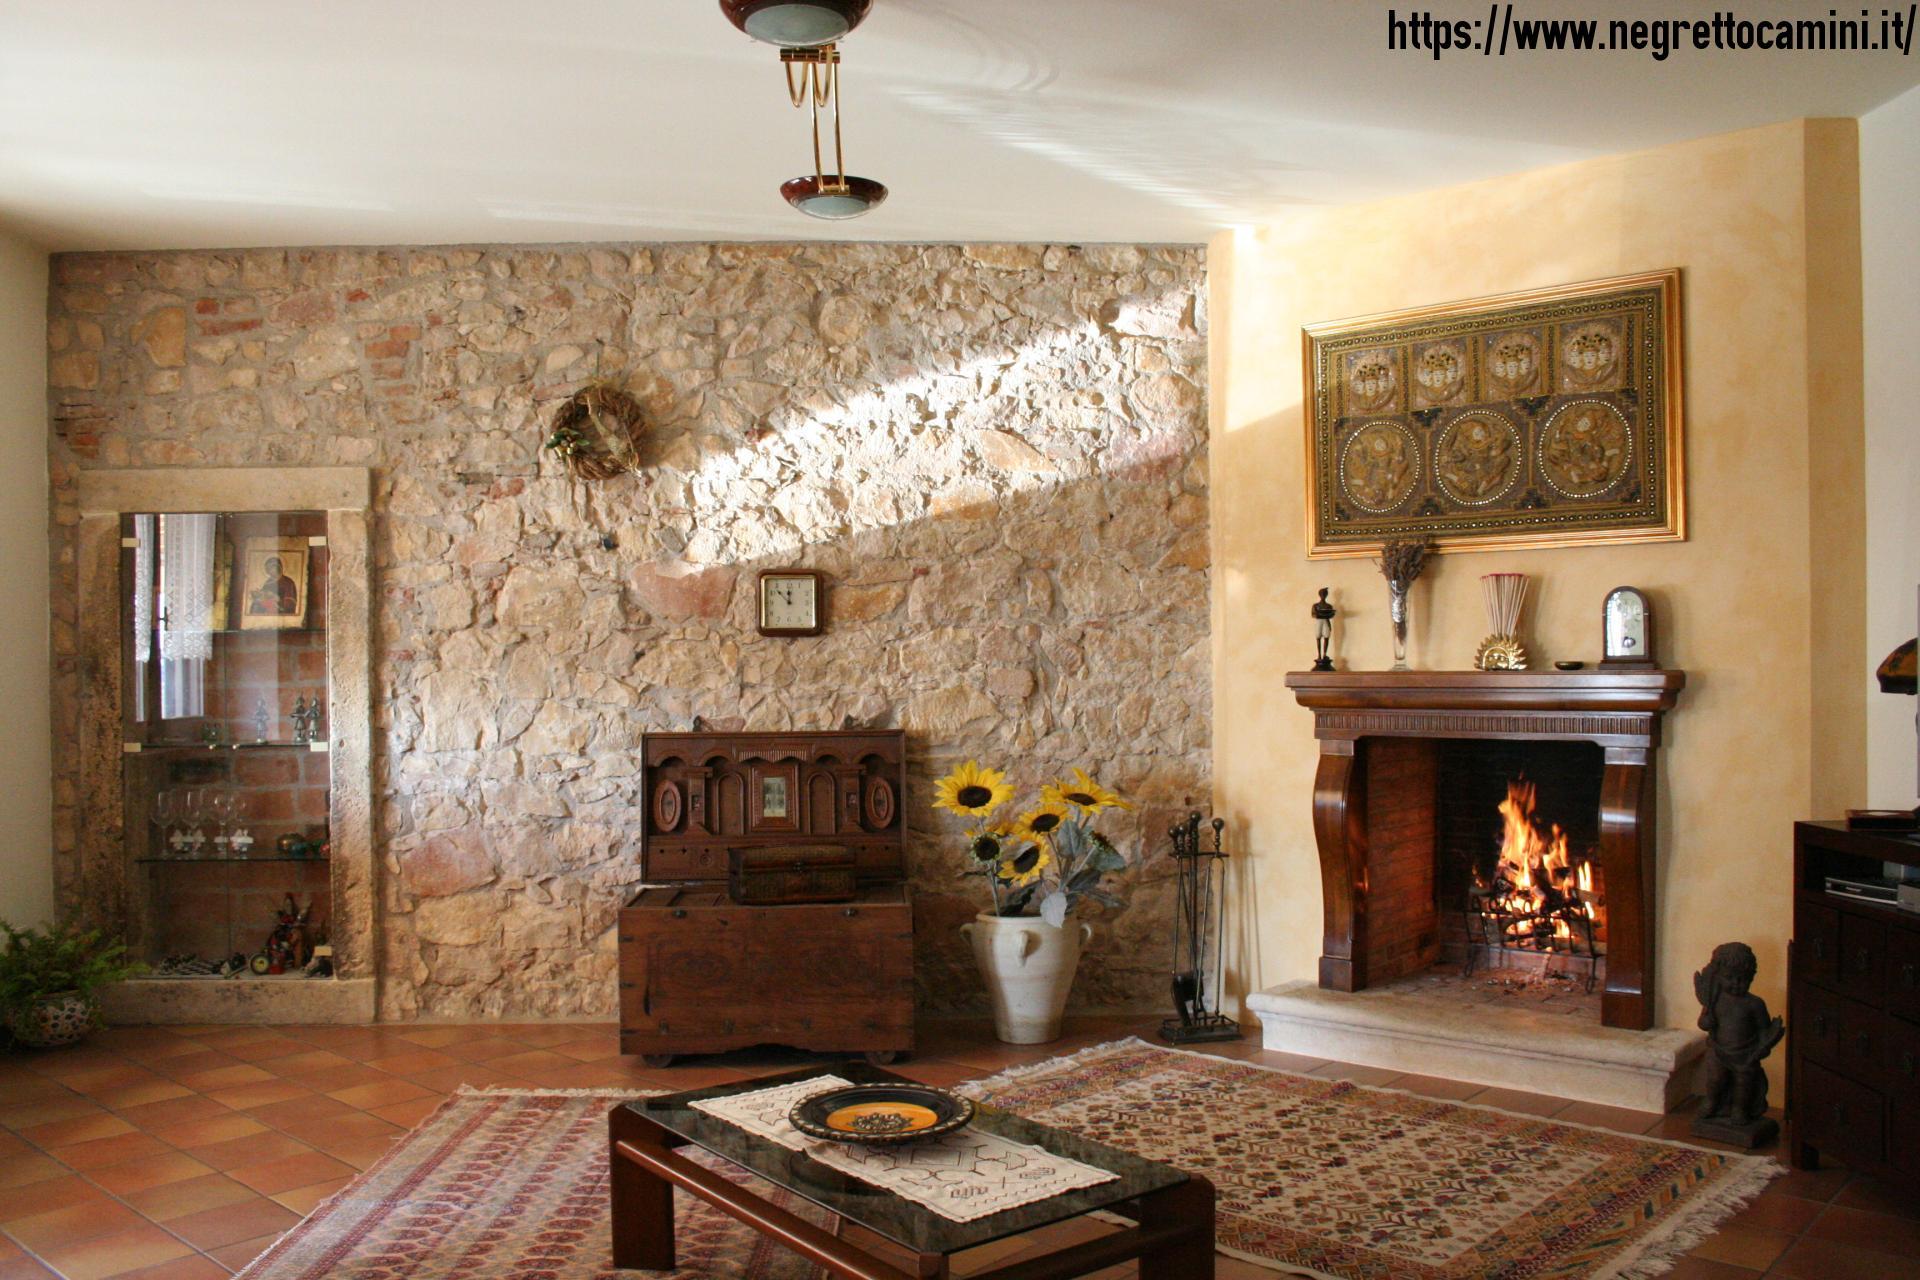 Muro D Acqua Per Interni : Parete d acqua per interni design interno ed esterno azlit